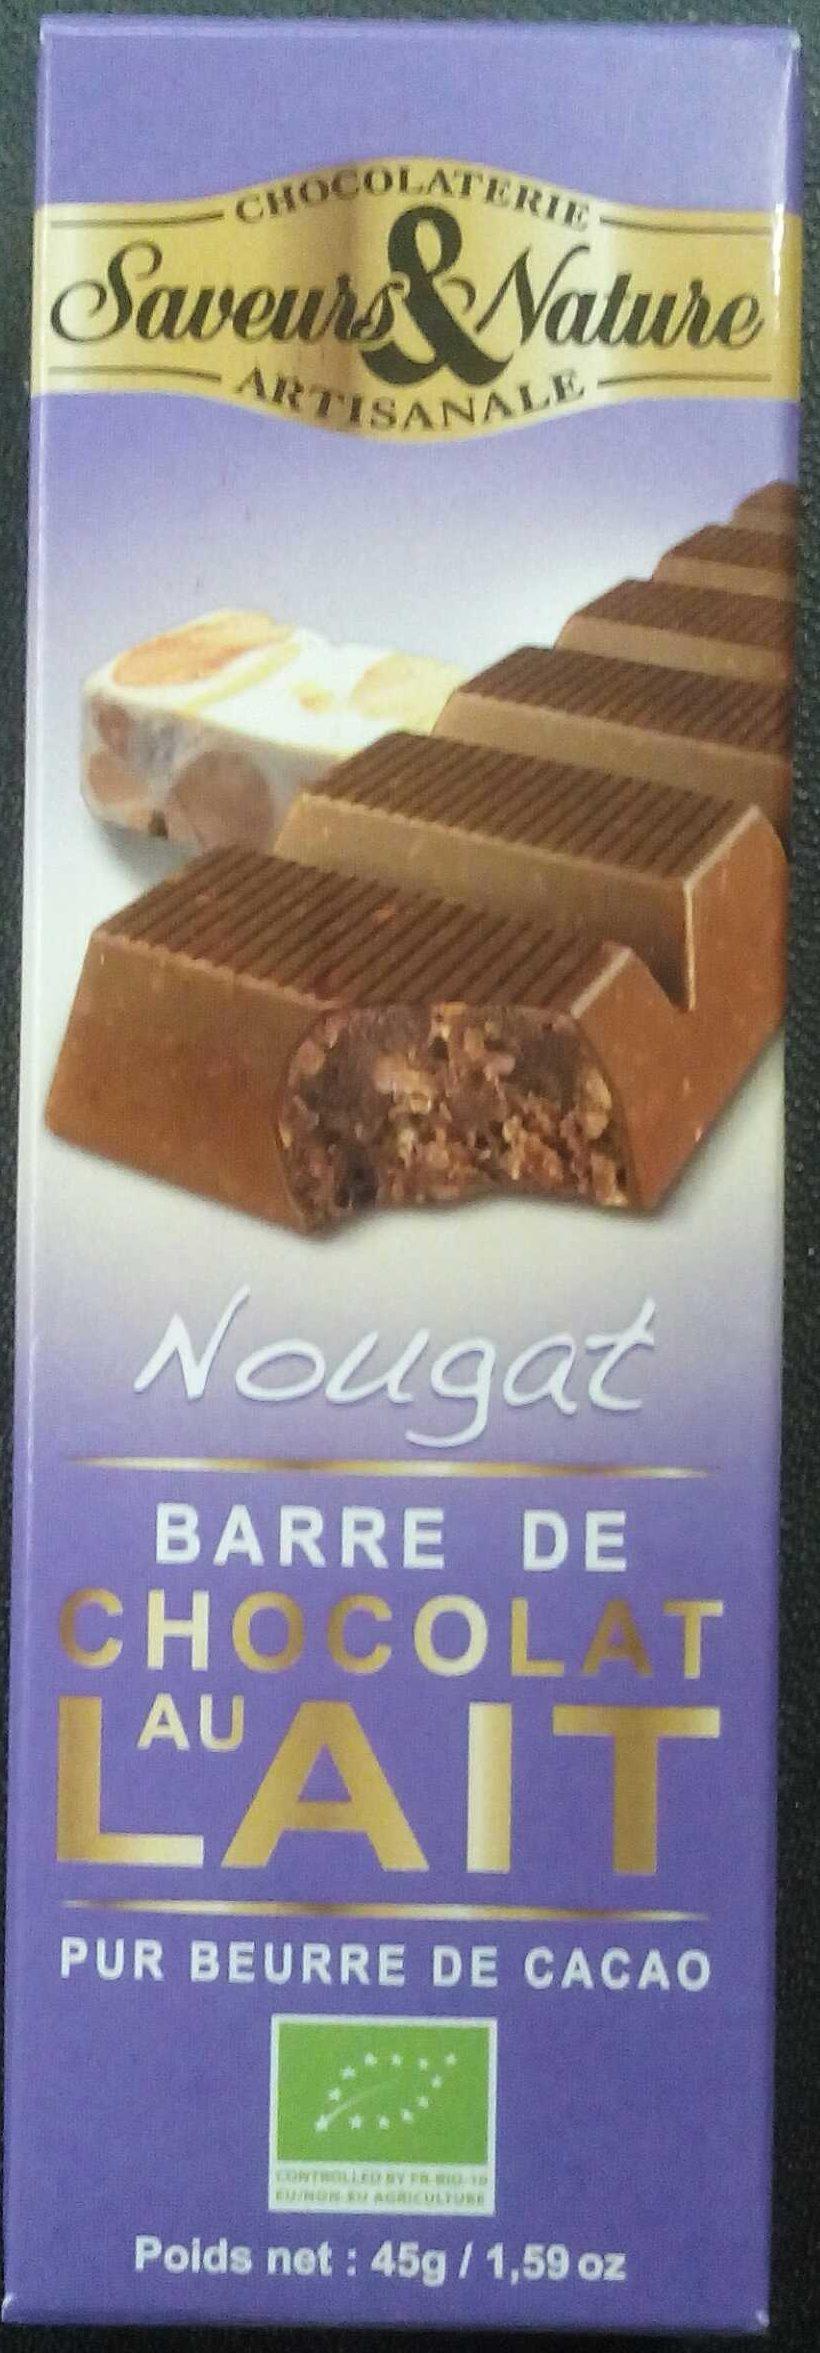 Nougat - Barre de Chocolat au Lait - Produit - fr